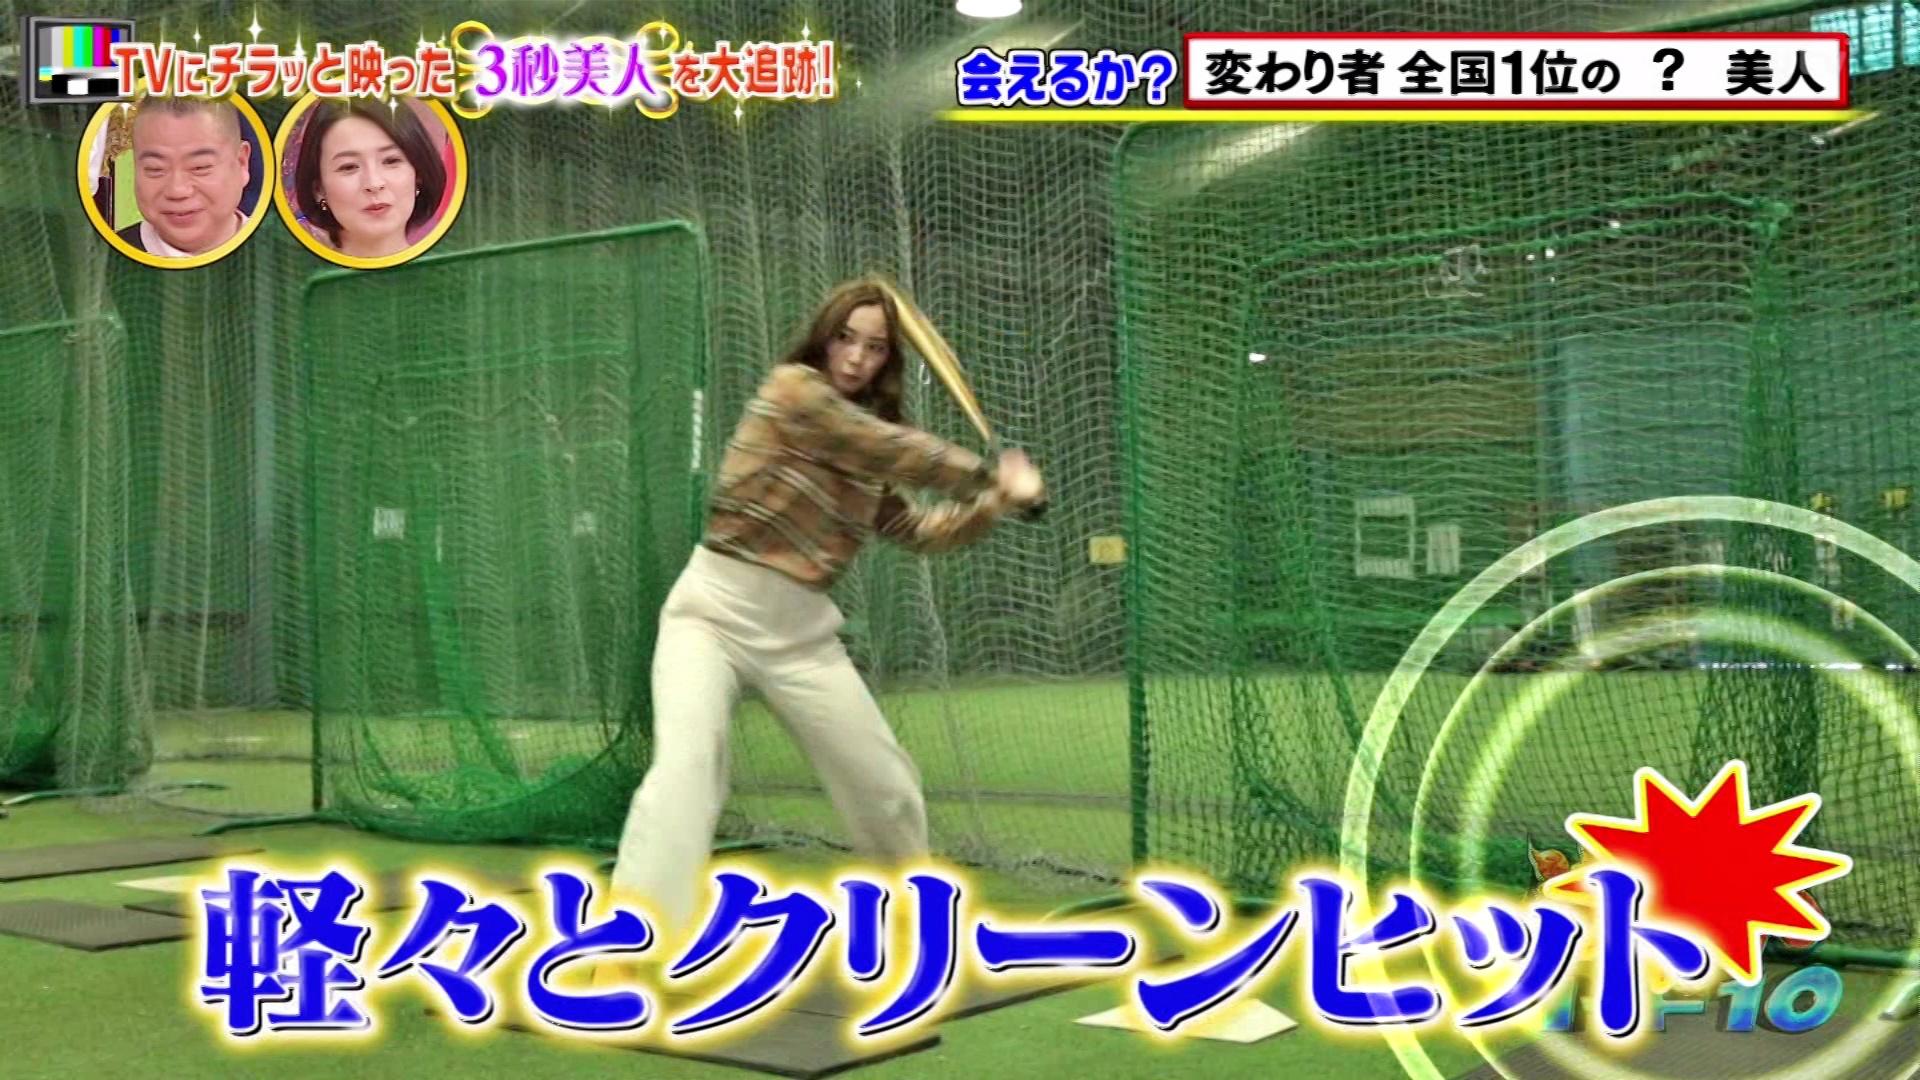 2020年1月24日に放送された「沸騰ワード10」に出演した笹川萌さんのテレビキャプチャー画像-043